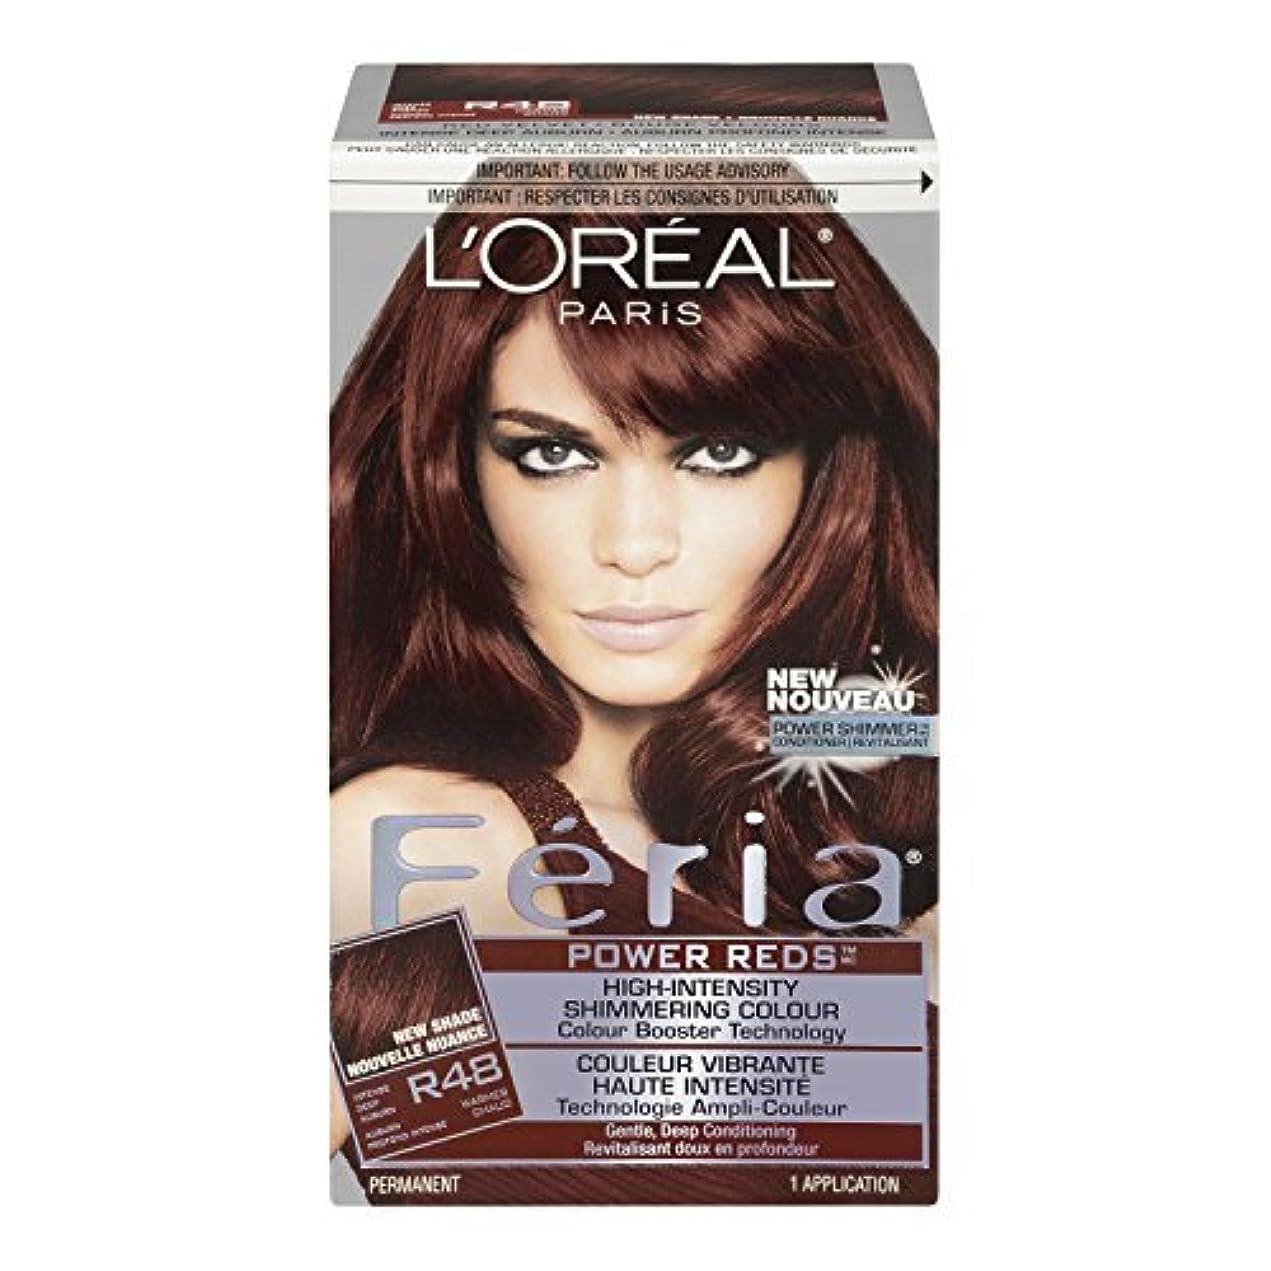 ミトン伝染性のステレオタイプL'Oreal Feria Power Reds Hair Color, R48 Intense Deep Auburn/Red Velvet by L'Oreal Paris Hair Color [並行輸入品]